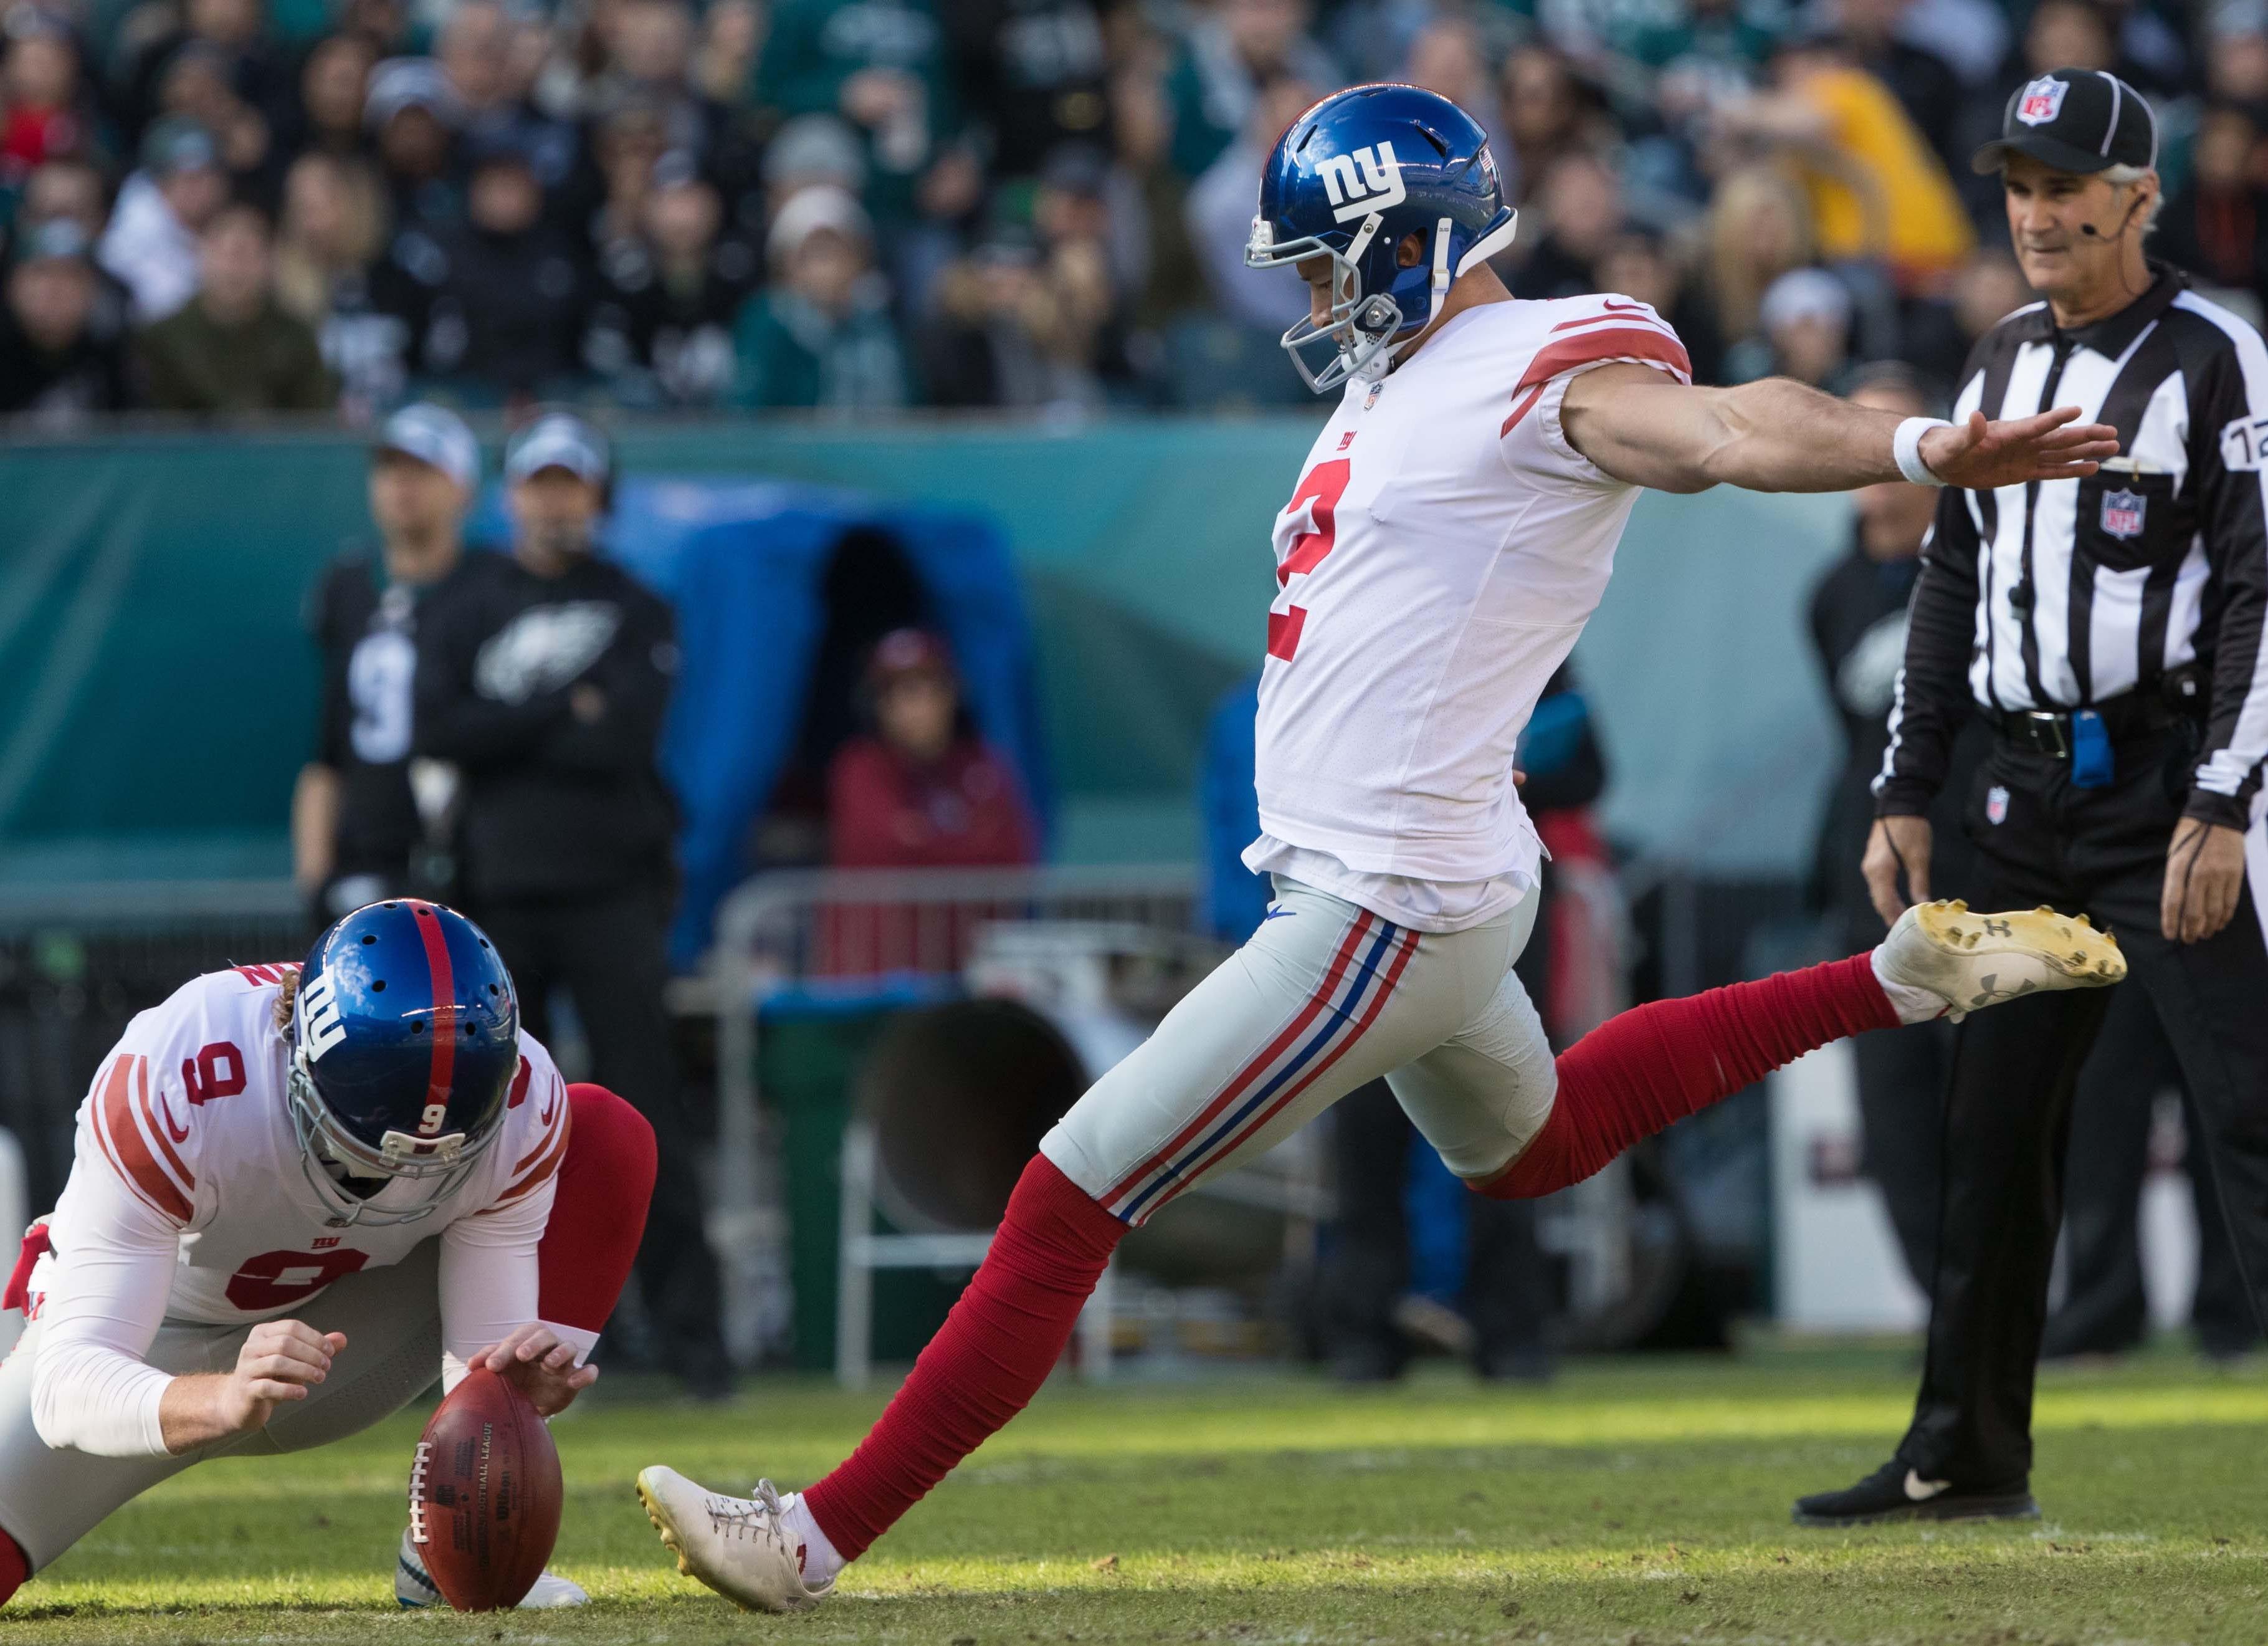 Nfl New York Giants At Philadelphia Eagles